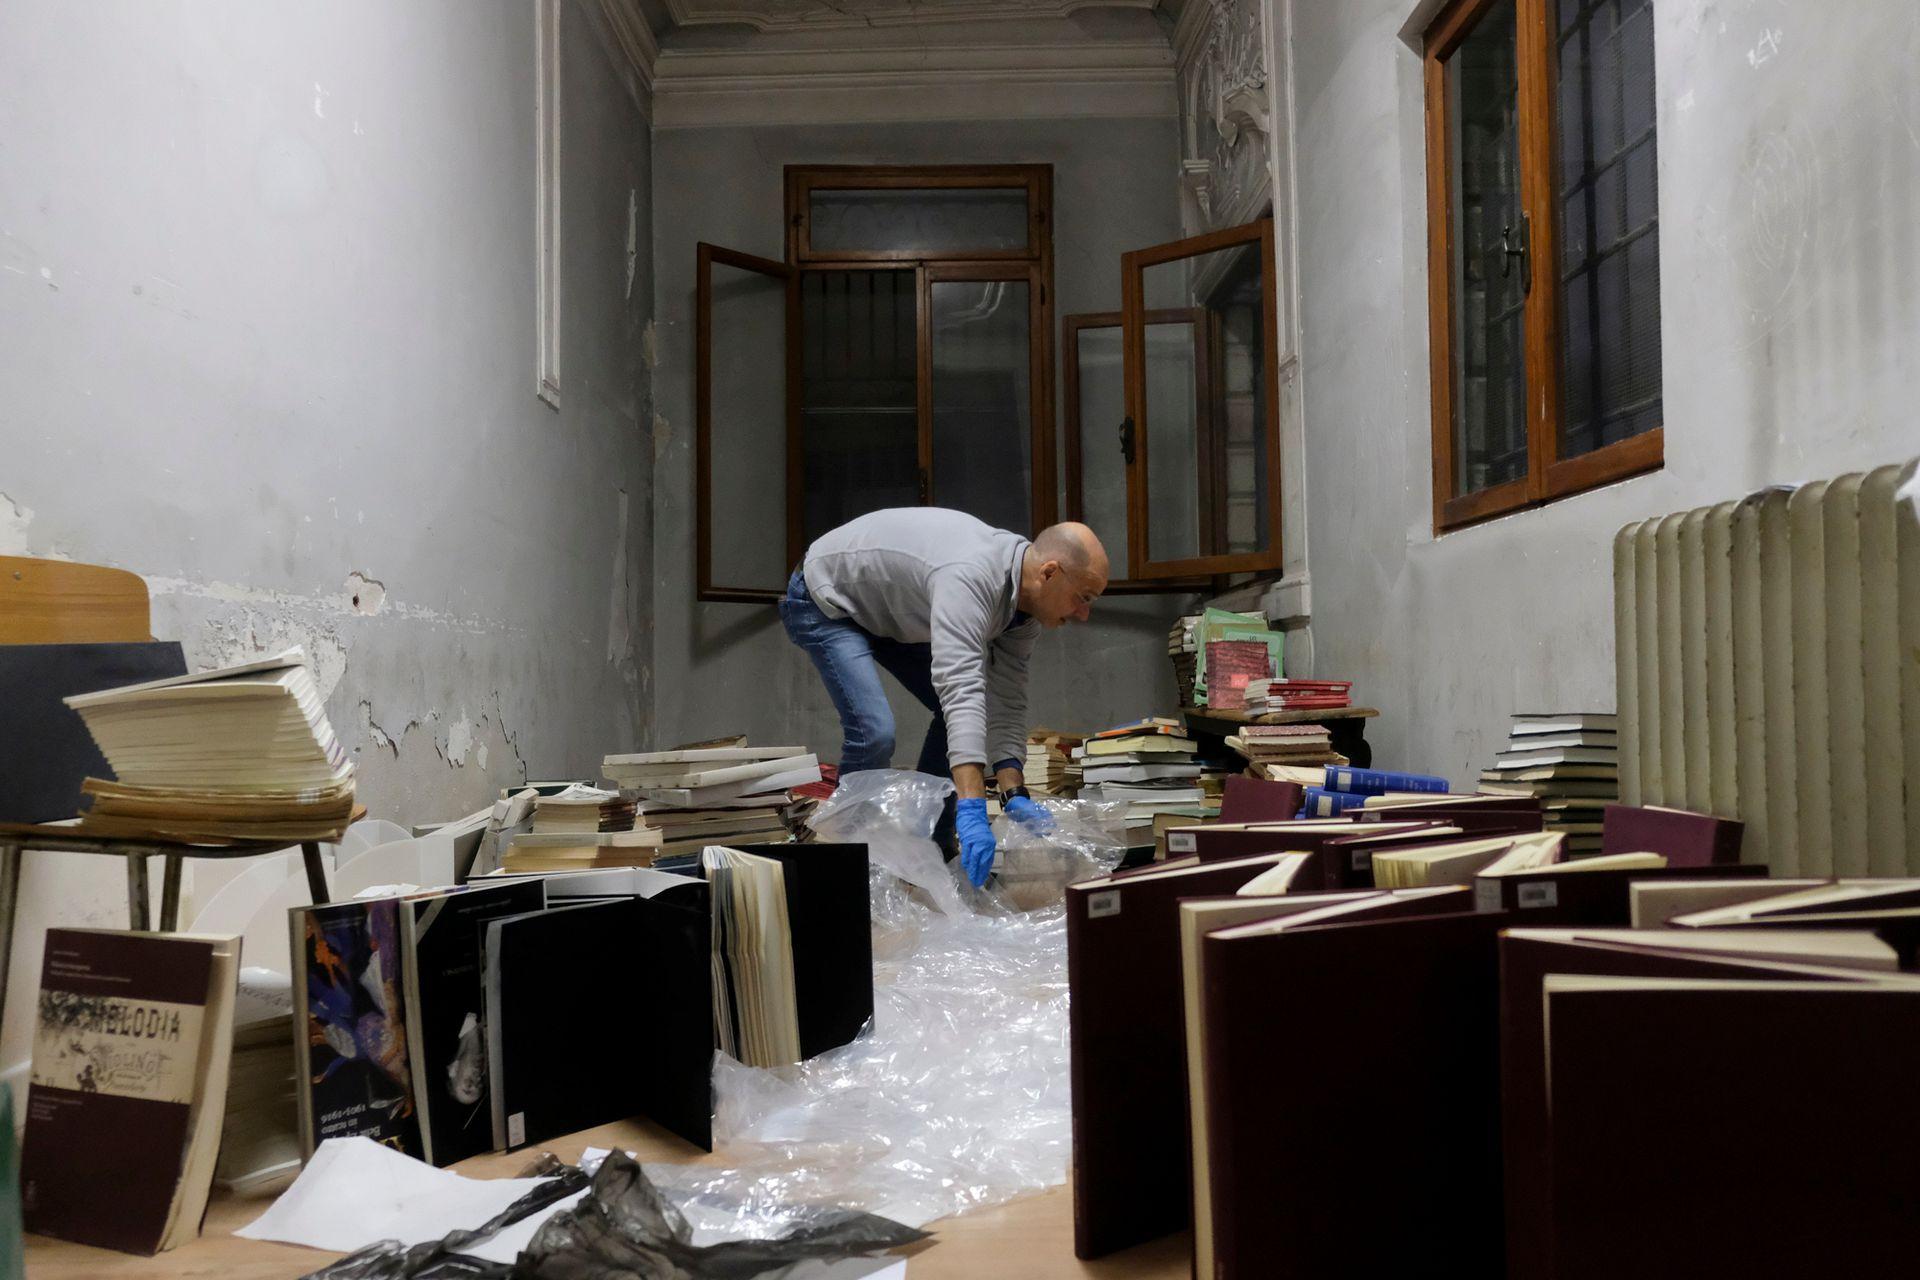 Voluntarios guardan manuscritos del conservatorio de música Benedetto Marcello después de las graves inundaciones en Venecia